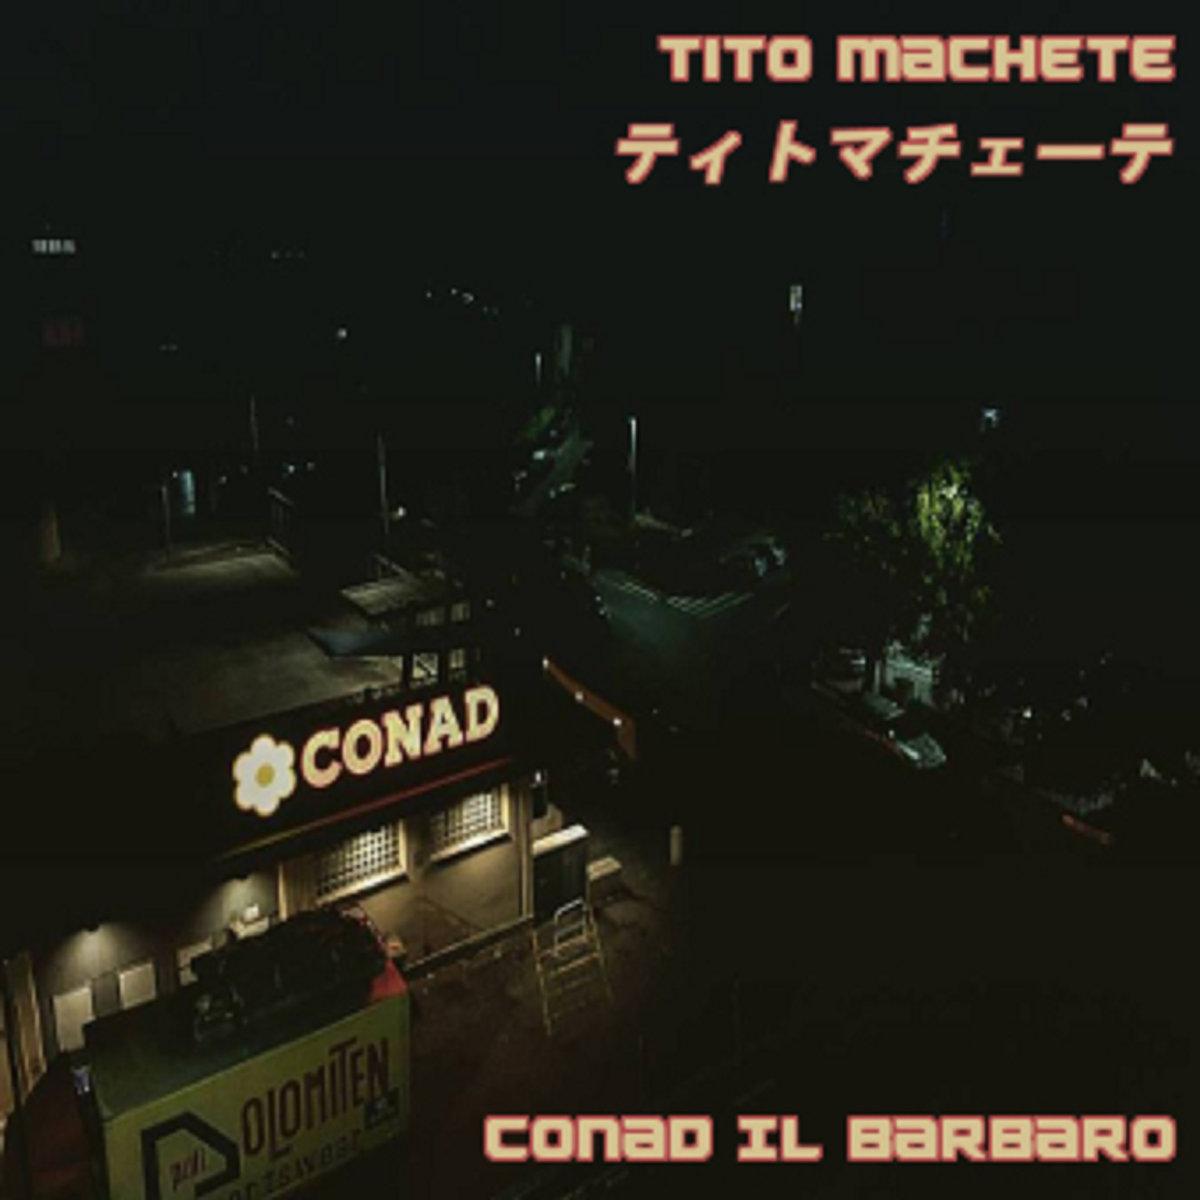 tito-machete-copertina-ostia-lido-1989-vaporwave-roma-conad-il-barbaro